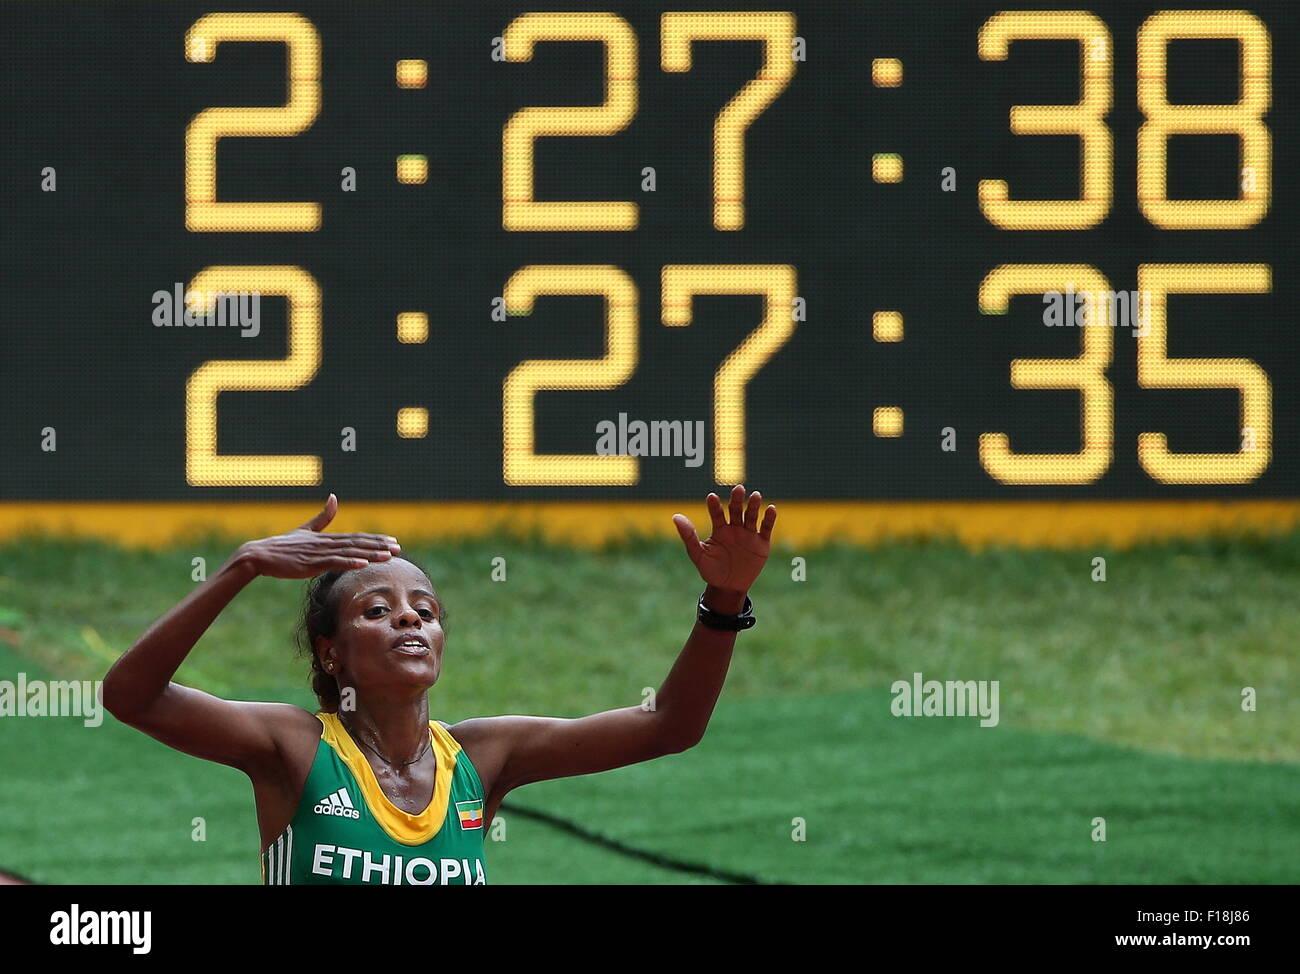 Pechino, Cina. Il 30 agosto, 2015. Etiopia il Mare Dibaba vince la medaglia d'oro nel femminile alla maratona Immagini Stock